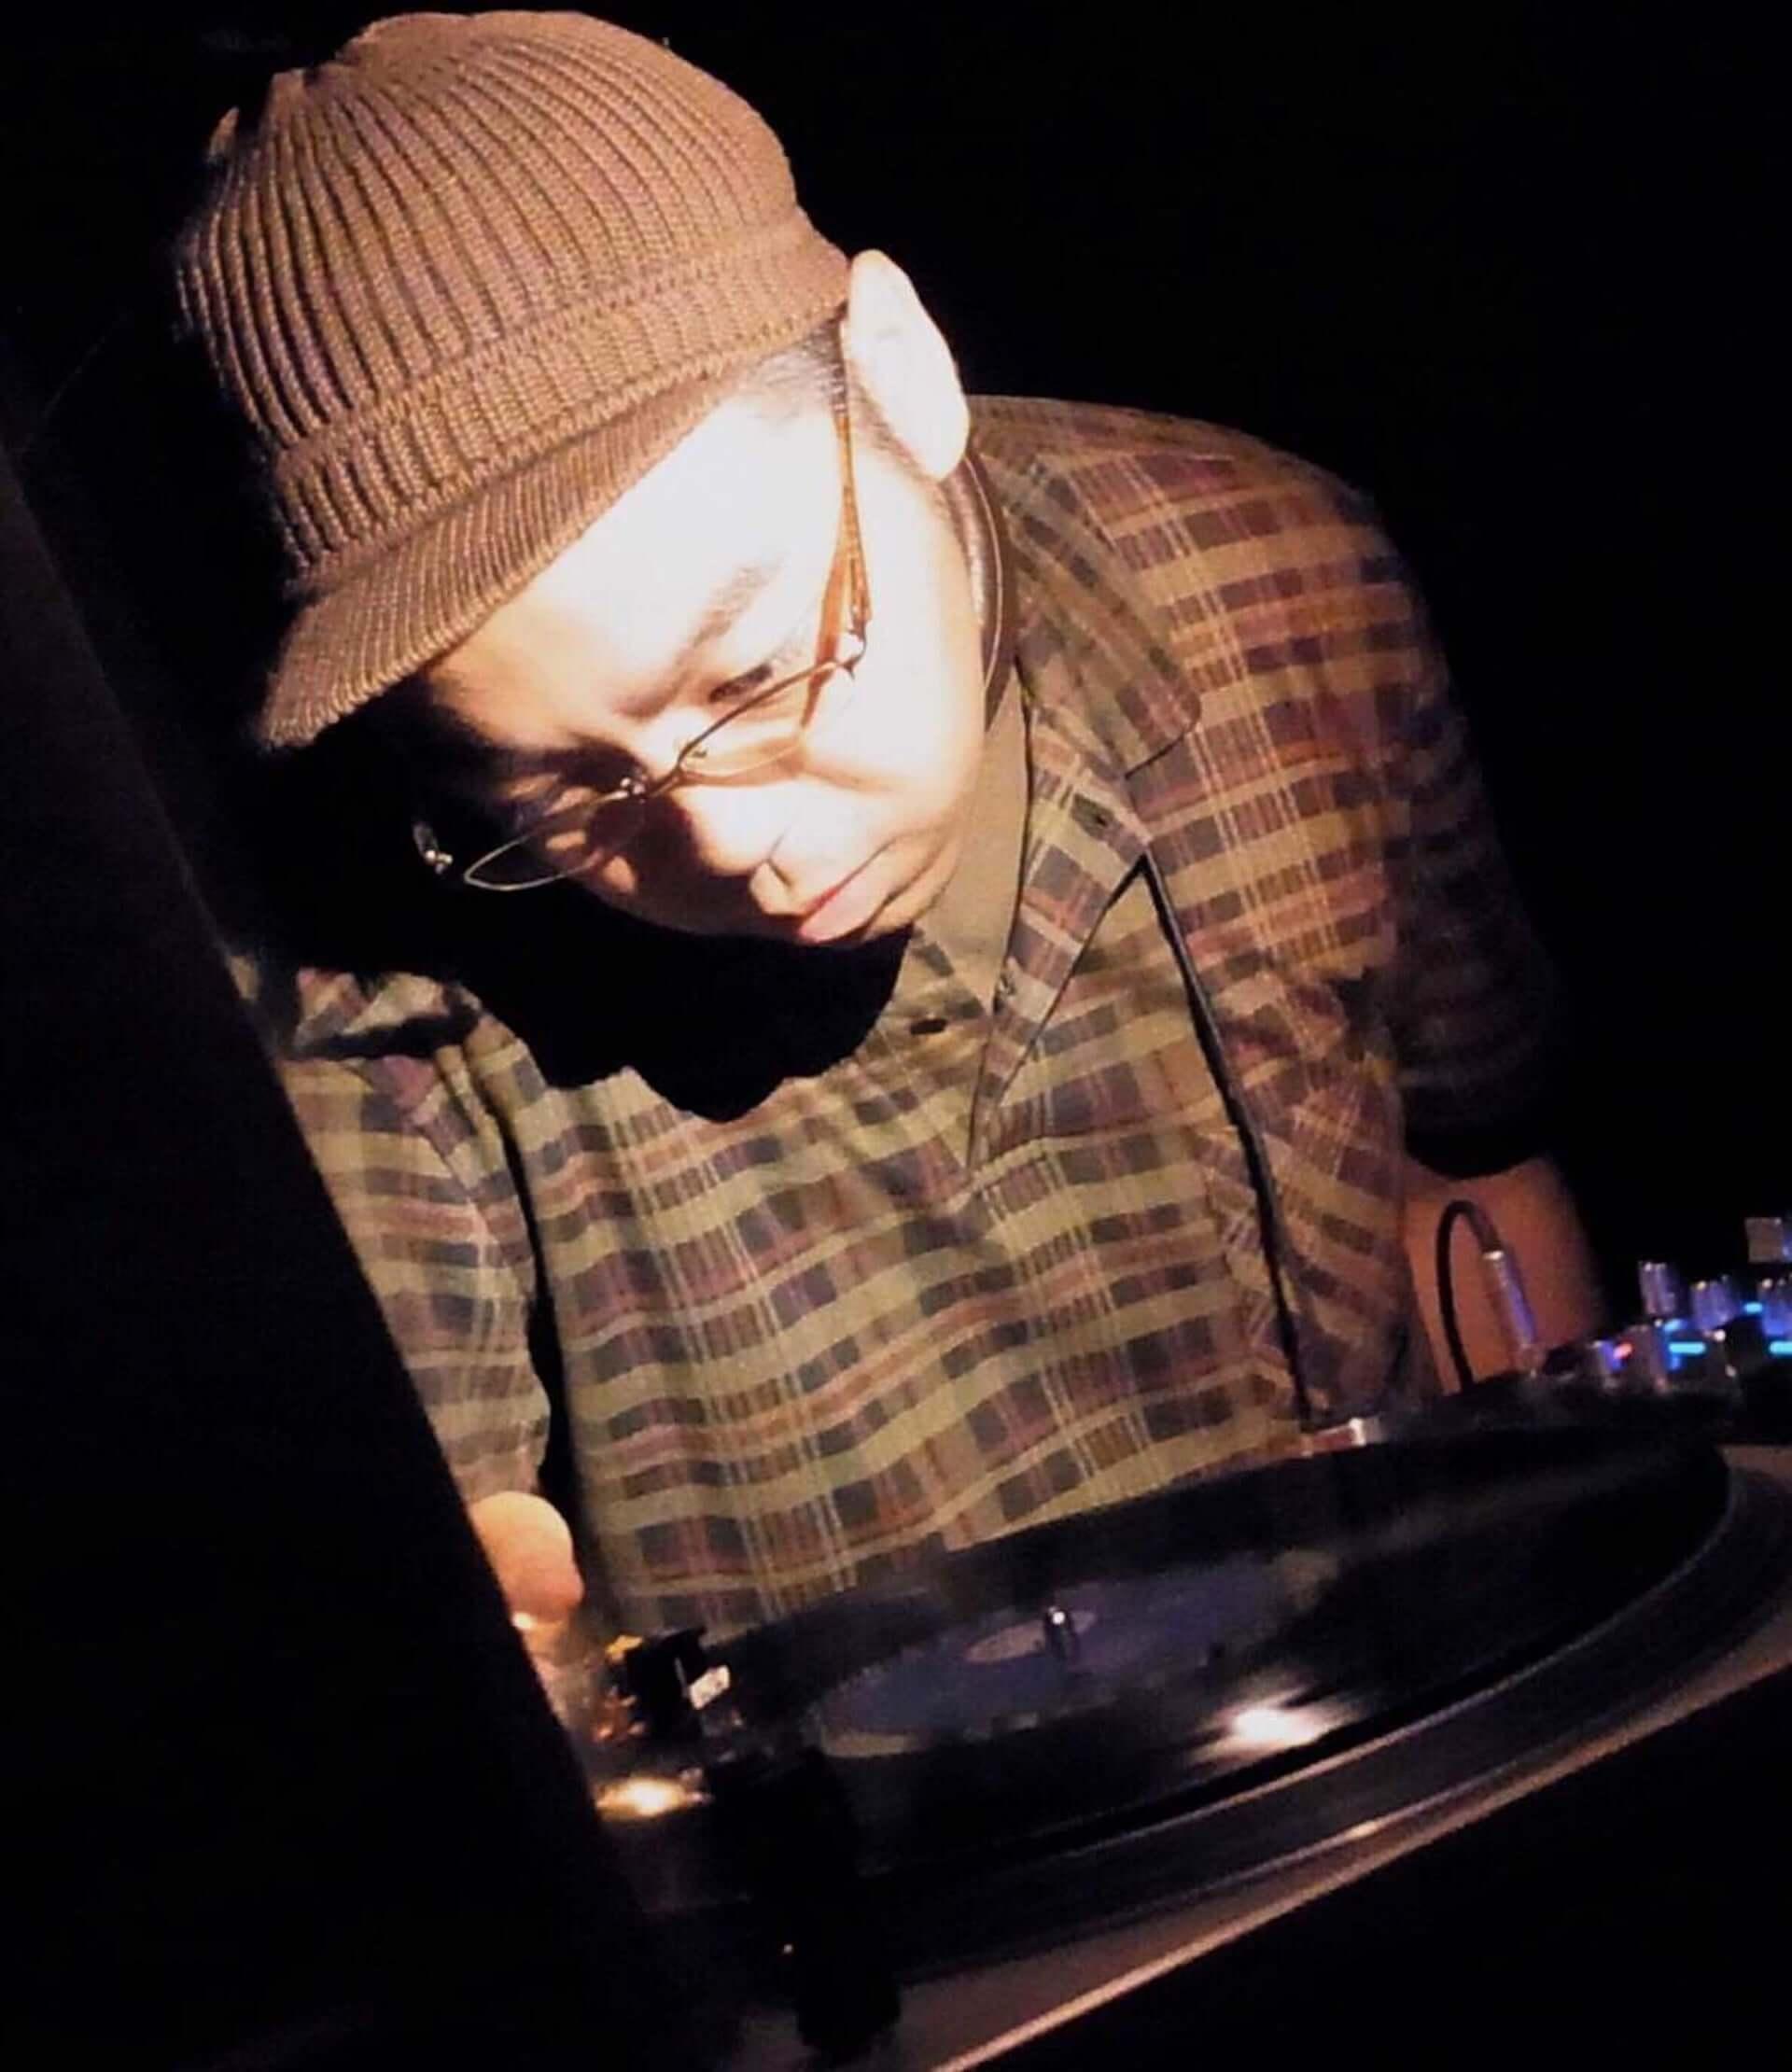 渋谷OTOの人気パーティ <DAYTONA>にFREDFADESが登場|HOUSE、TECHNO、Lo-Fiなど幅広くMIXされたパーティーが開催 music190709daytona-summerslam_5-1920x2220